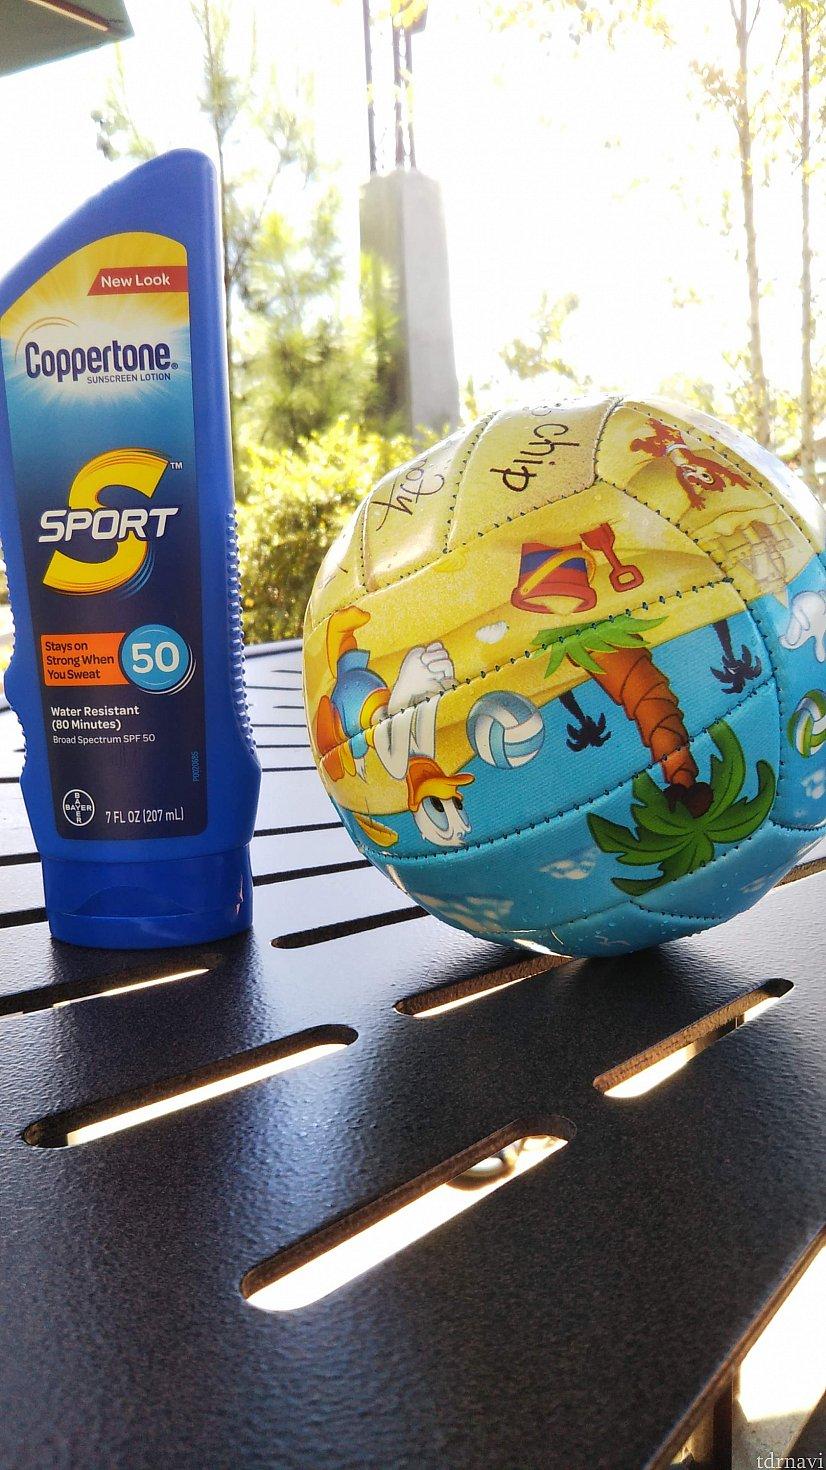 お土産屋さんで買える日焼け止めとプールボール。 プールボールはホテルのプールで遊ぶときに大活躍した。